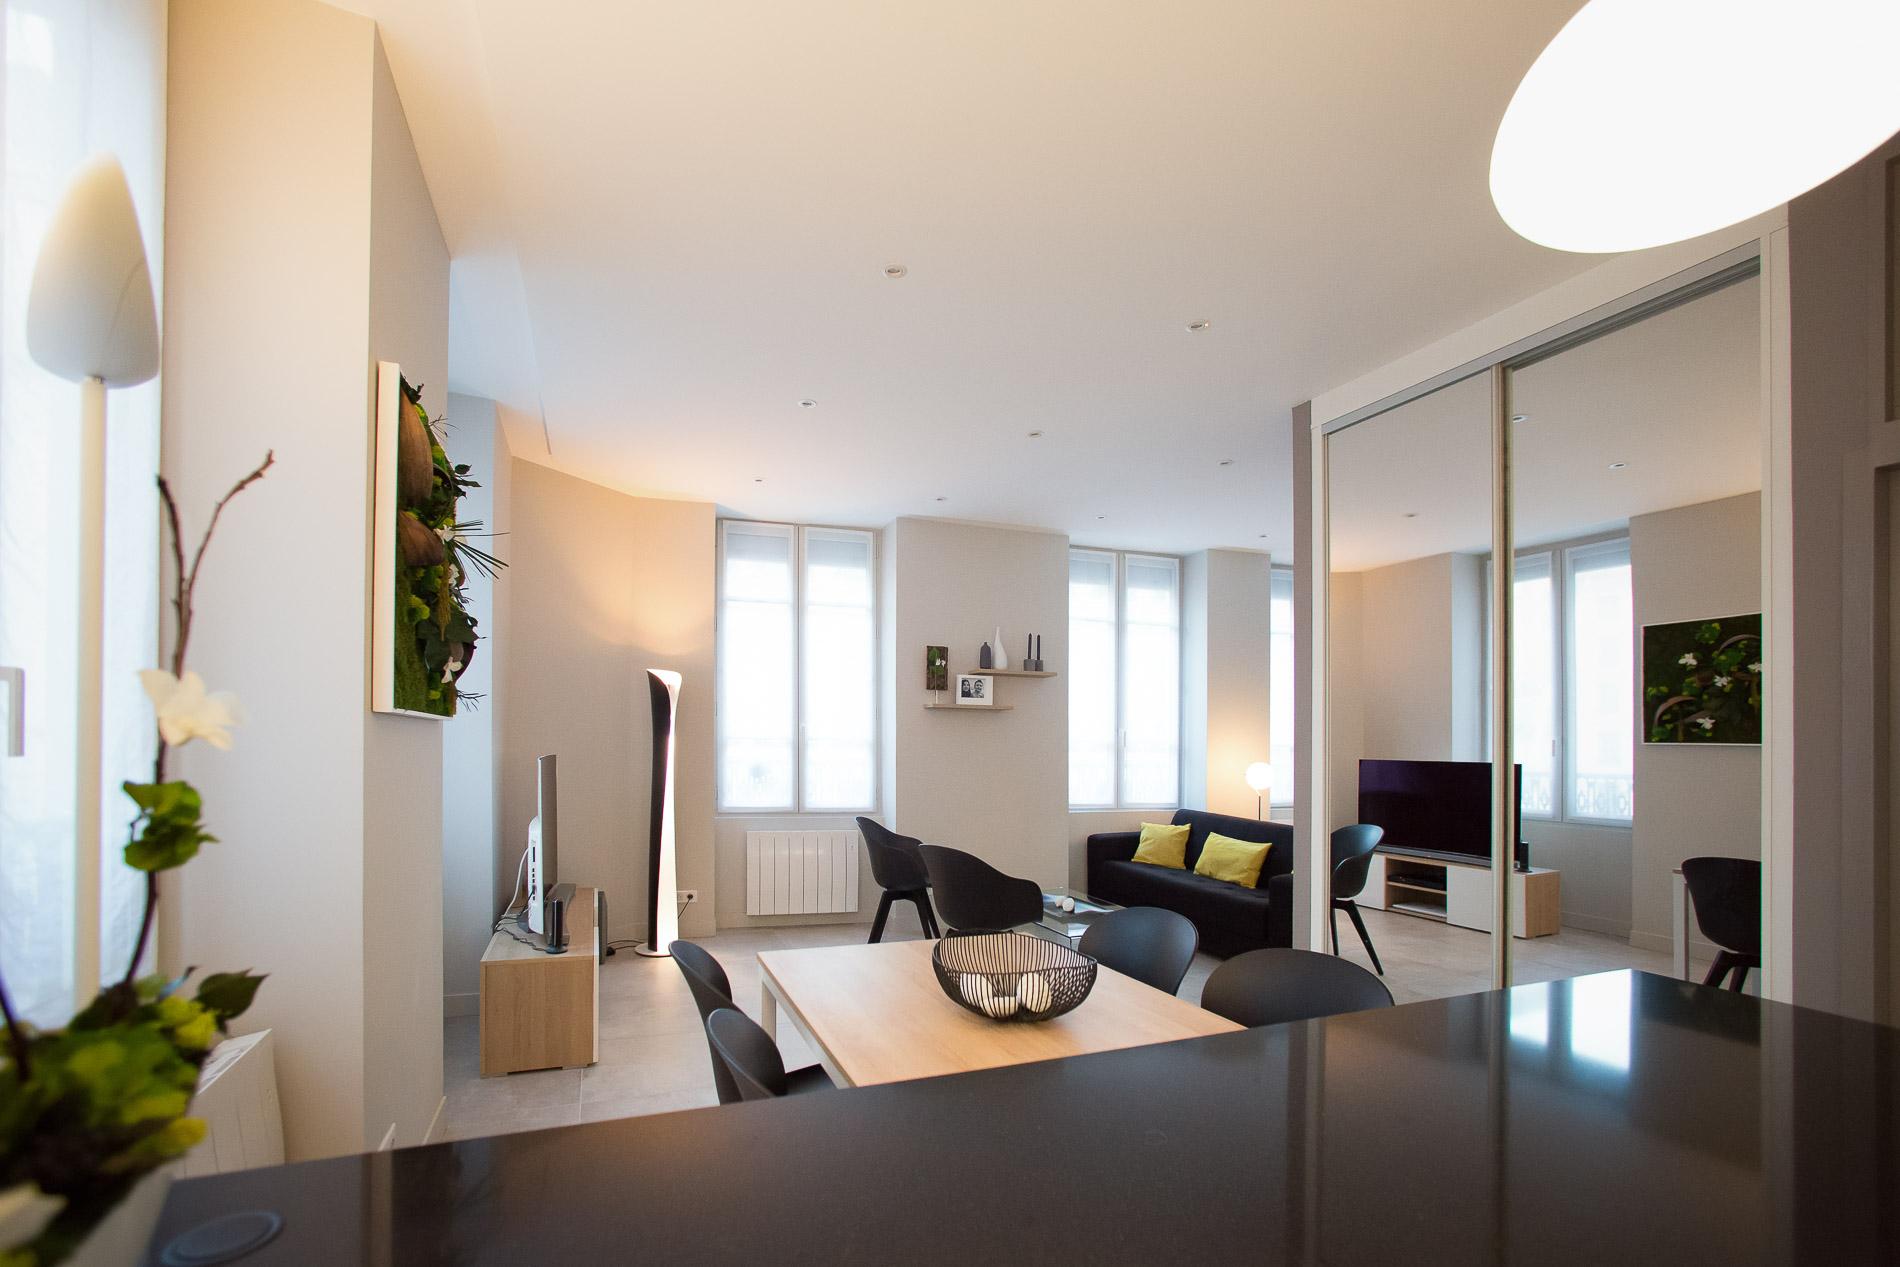 am%C3%A9nagement-et-d%C3%A9coration-appartement-lyon-2-entr%C3%A9e-salle-%C3%A0-manger-salon-d%C3%A9coratrice-dint%C3%A9rieurs-canap%C3%A9-mur-pierre-meuble-luminaires-agence-myriam-wozniak-1 Frais De Boutique De Meuble Conception